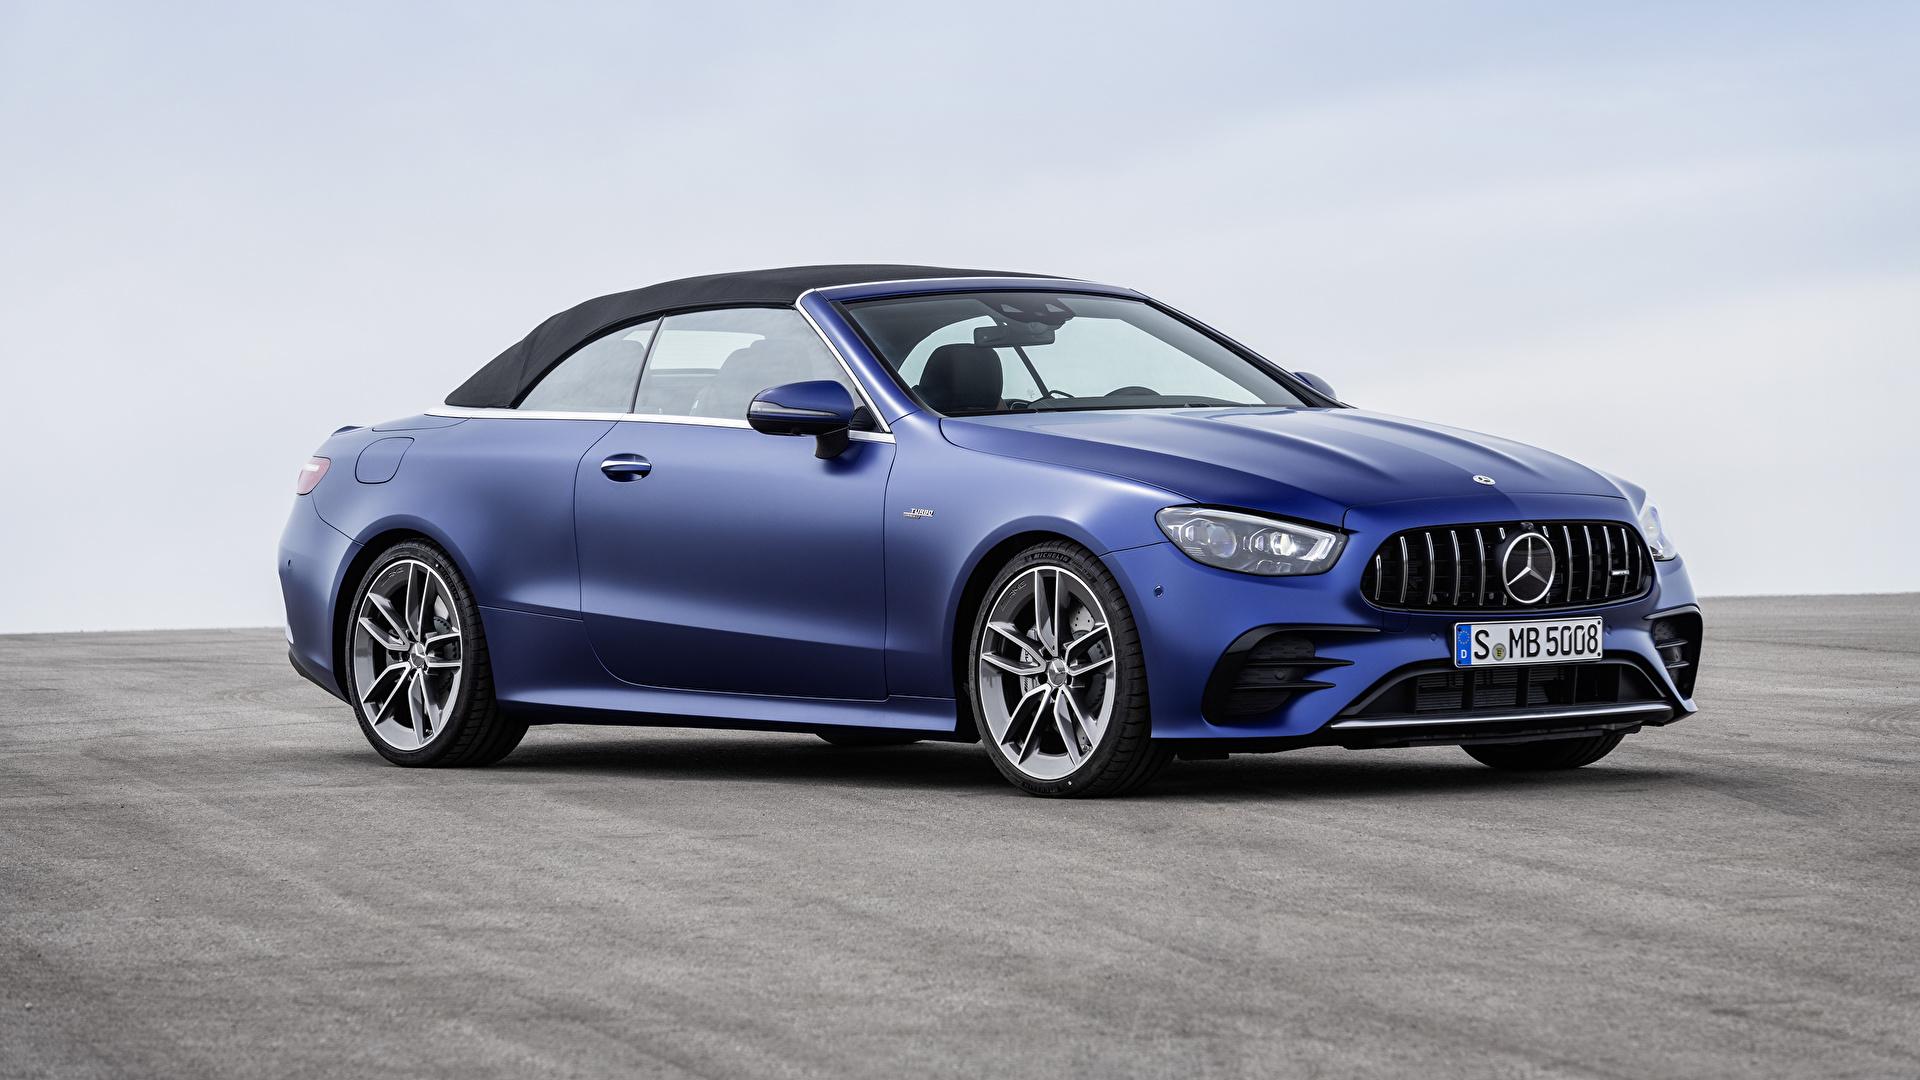 Bilder Mercedes-Benz E 53 4MATIC, Cabrio Worldwide, A238, 2020 Cabriolet Blau auto Metallisch 1920x1080 Autos automobil